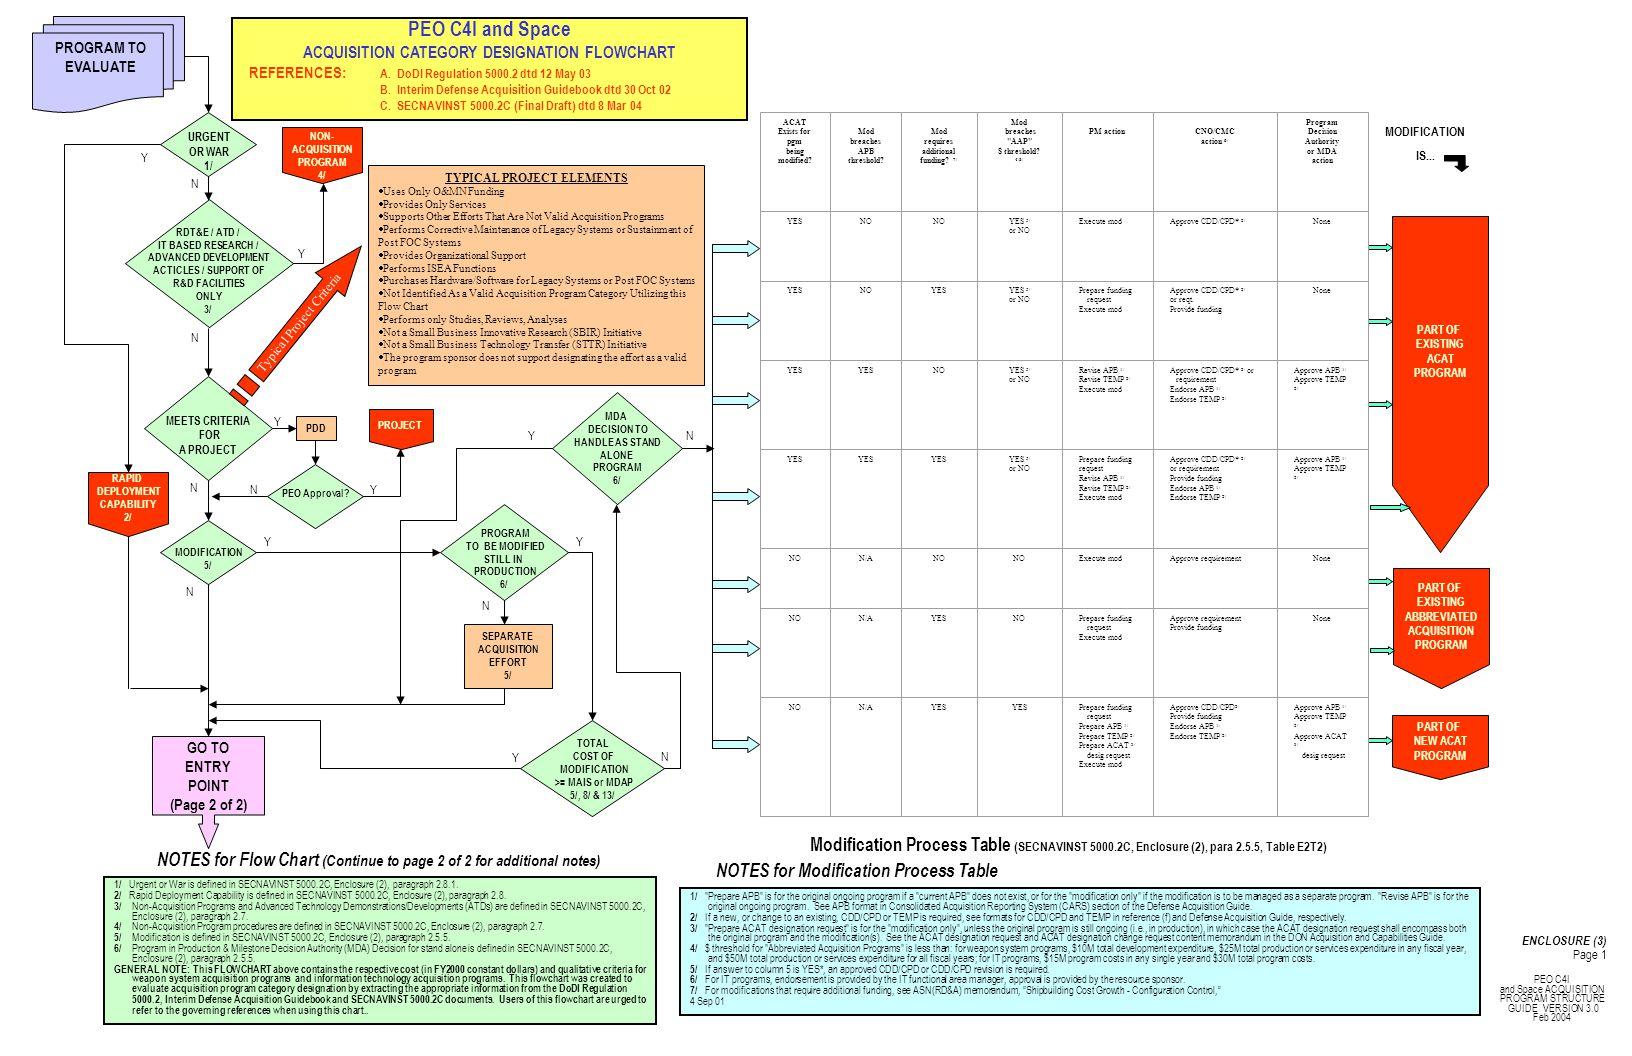 AIS PROGRAM 7/ IT IAM IT IAC ID IT IVT IC IT AAP Y MDA= ASD(NII) 9/ IT III Y Y Y N N NN WEAPONS SYSTEM 12/ N RDT&E >$140M 15/ OT&E REQUIRED 11/ II Affects Mission 16/ III OT&E REQUIRED 11/ IVT RDT&E <$10M 17/ IVMAAP NNN YYY YY Y N N Pgm Cost/Yr >$32M 8/ Total Pgm >$126M 8/ Life Cycle >$378M 8/ ASD(NII) Designates ACAT IA 8/ MAIS 8/ YY N MDA= ASN(RD&A) 9/ Pgm Cost/Yr >=$15M/Yr 10/ Total Pgm >=$30M 10/ RDT&E >$365M 13/ Procurement >$2.190B 13/ USD(AT&L) Designates ACAT I 13/ MDAP 13/ MDA= USD(AT&L) 14/ MDA= ASN(RD&A) 14/ Procurement >$660M 15/ ASN(RD&A) Designates ACAT II 15/ MAJOR SYSTEM 15/ Procurement <$25M/Yr 17/ Total Expenditures <$50M 17/ N NN NN N Y Y YYY 7/ AIS includes IT as defined in SECNAVINST 5000.2C, Enclosure (2), paragraph 2.4.